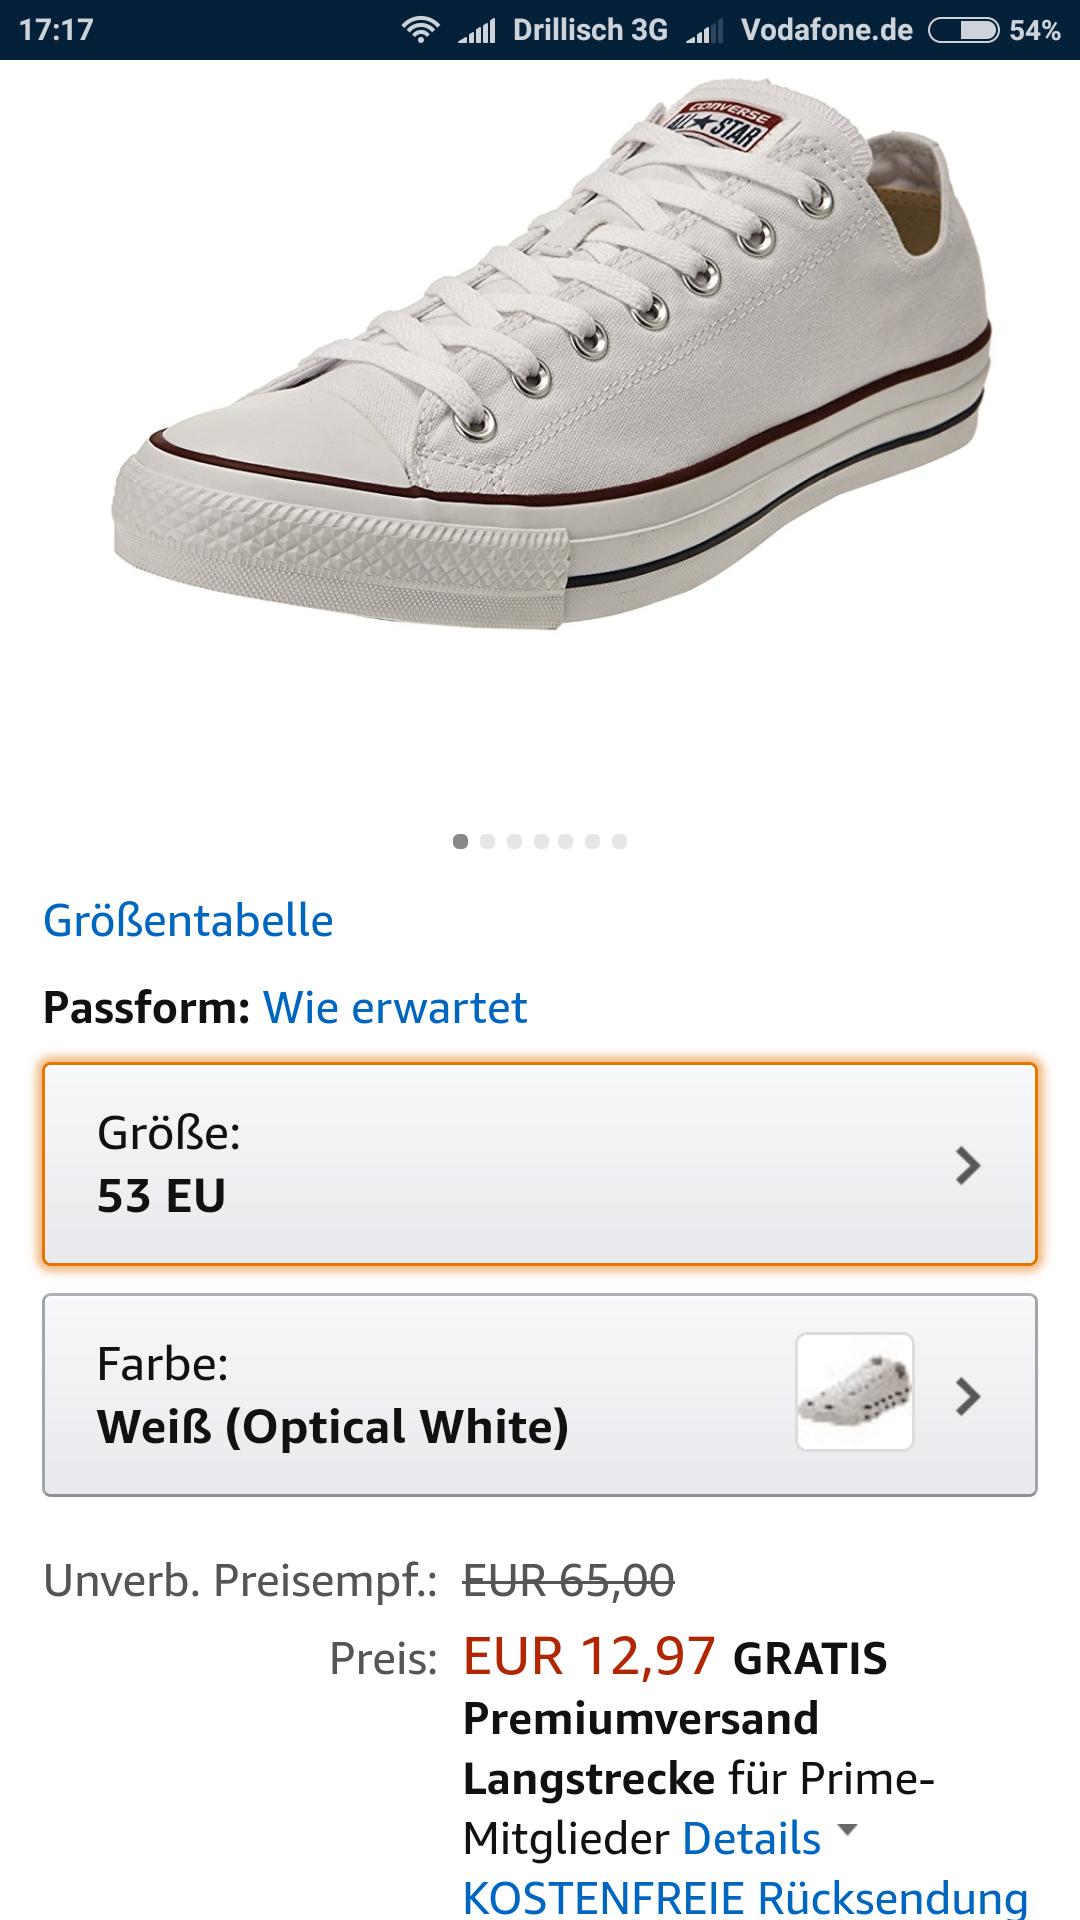 Amazon Prime Weisse Converse Chucks in Größe 53 für 12,97